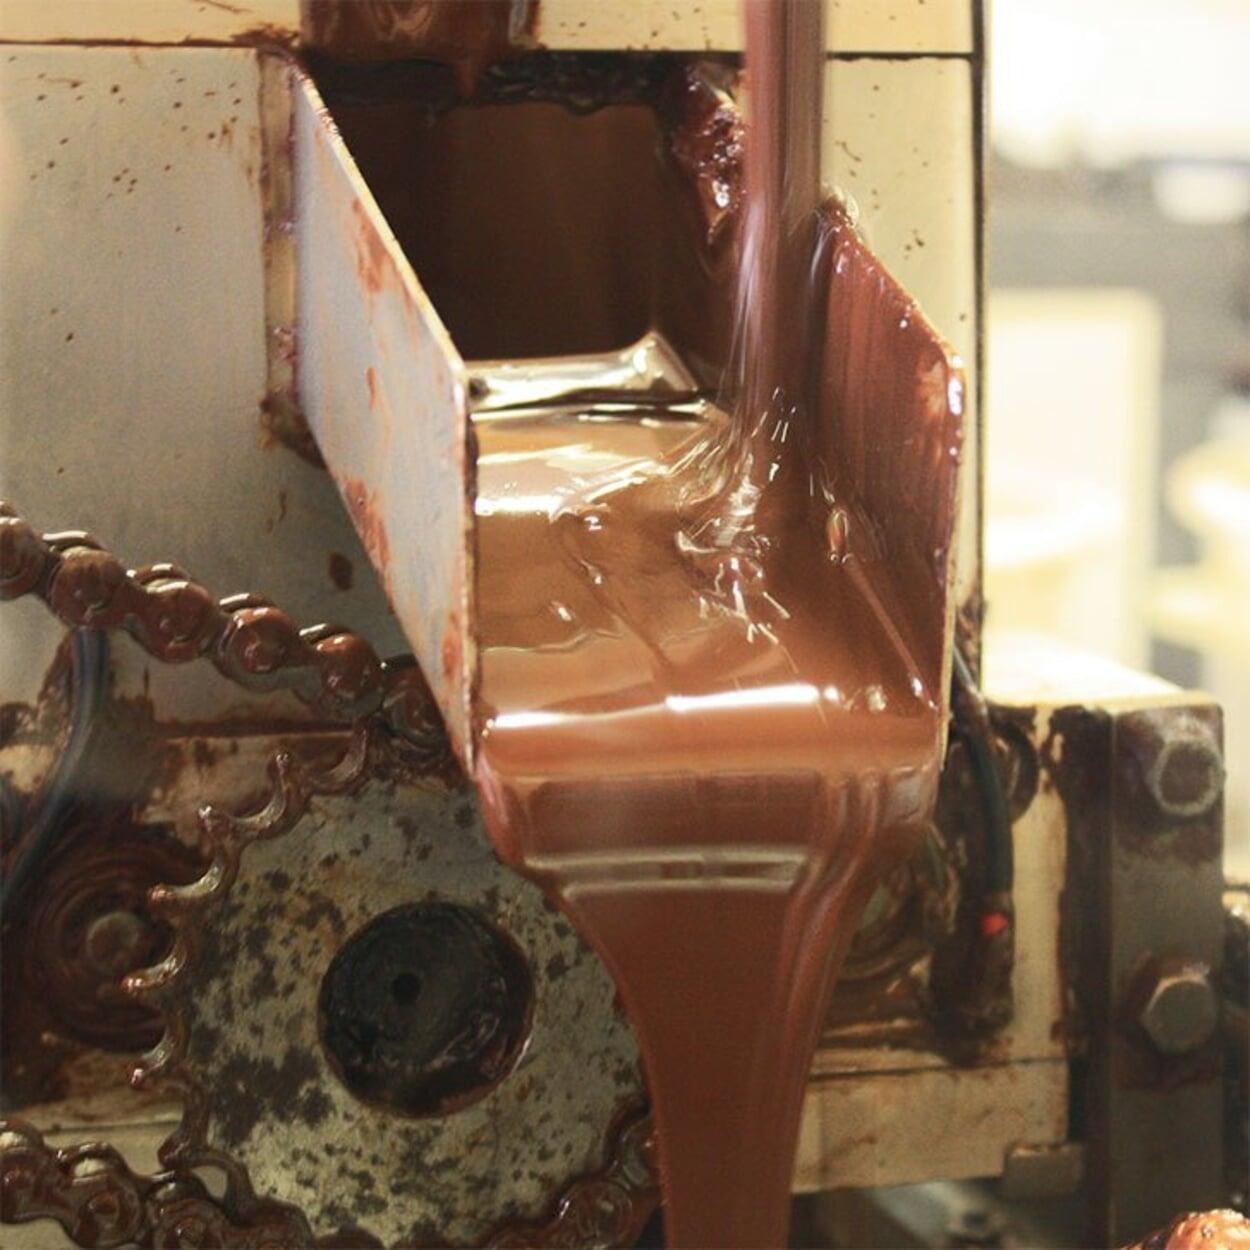 Flüssiger Kakao auf dem Weg zur Schokolade